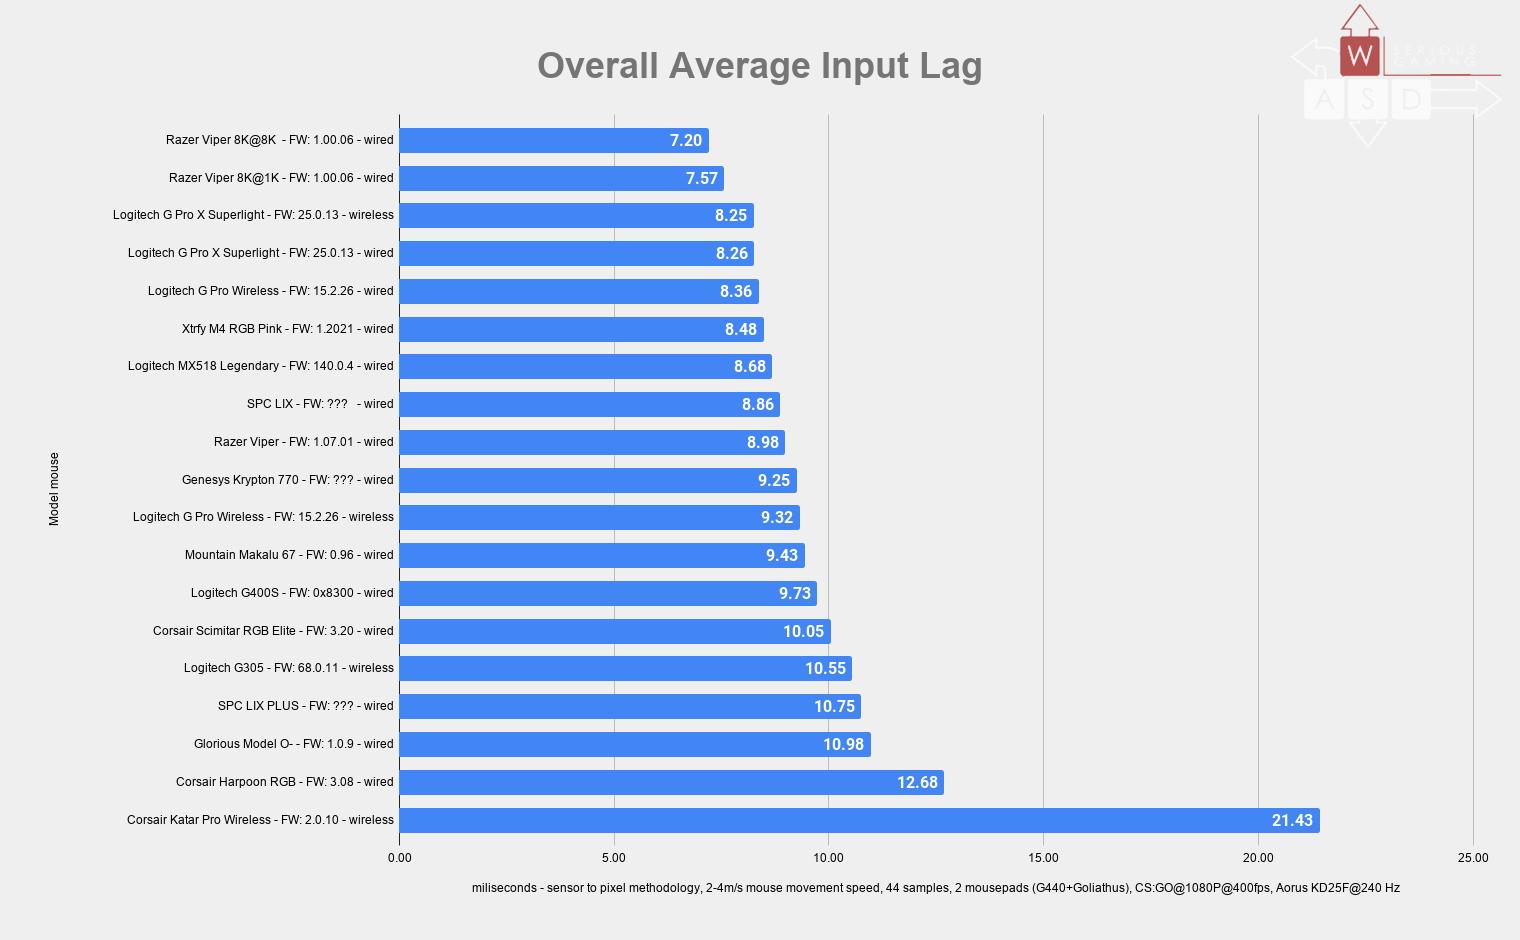 Razer Viper 8 KHz Input lag